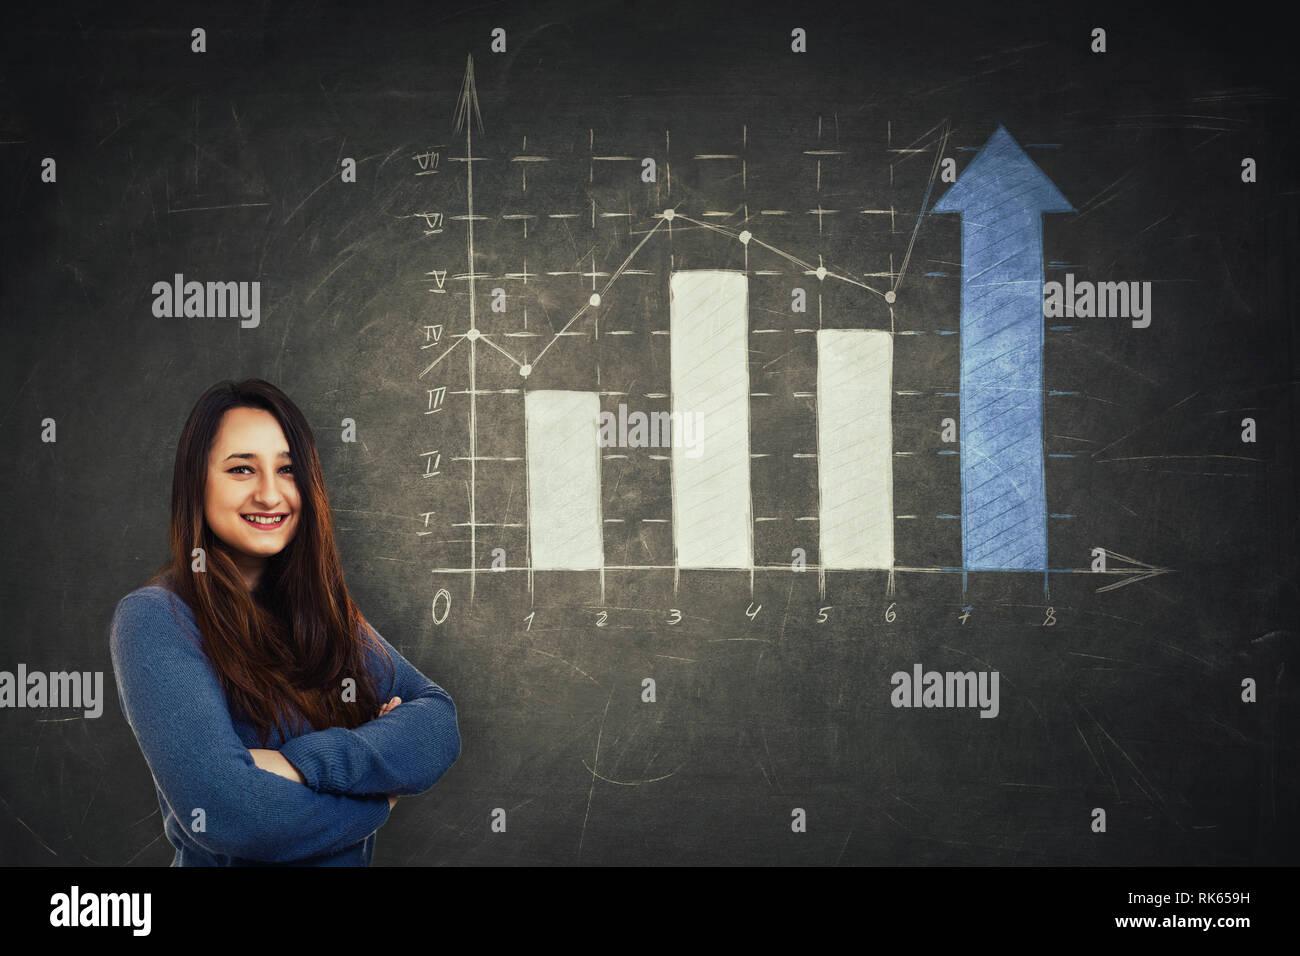 Pretty Woman holding analista de brazos cruzados frente a una enorme pizarra con dibuja un gráfico de creciente con las flechas hacia arriba. Industrias comerciales beneficios Foto de stock